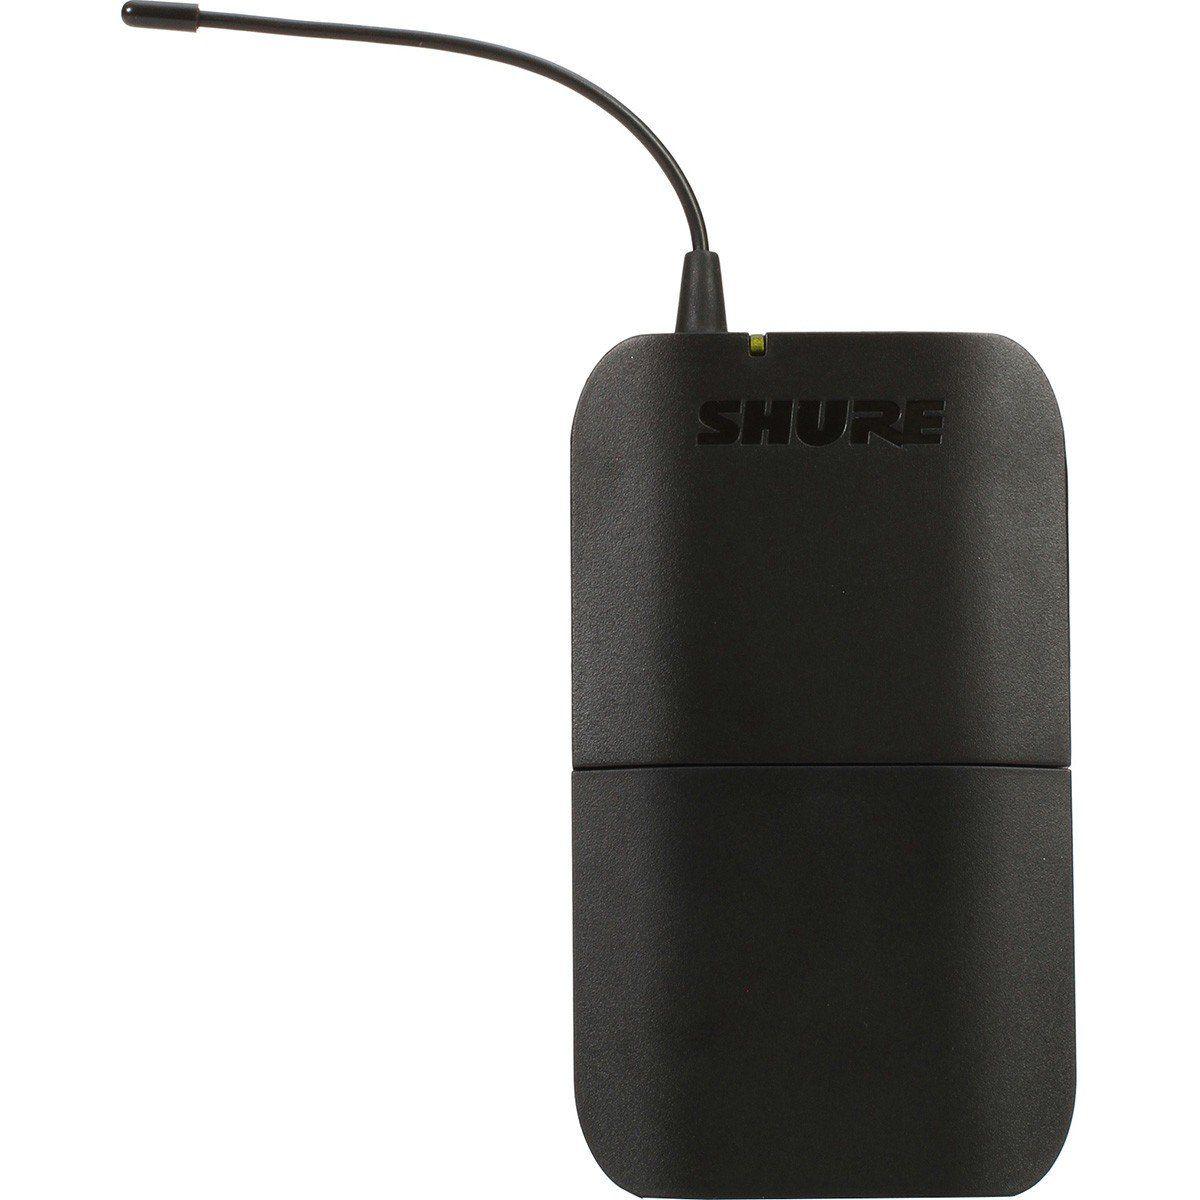 Shure BLX14/CVL Microfone de Lapela Shure BLX14-CVL para Palestras e Eventos